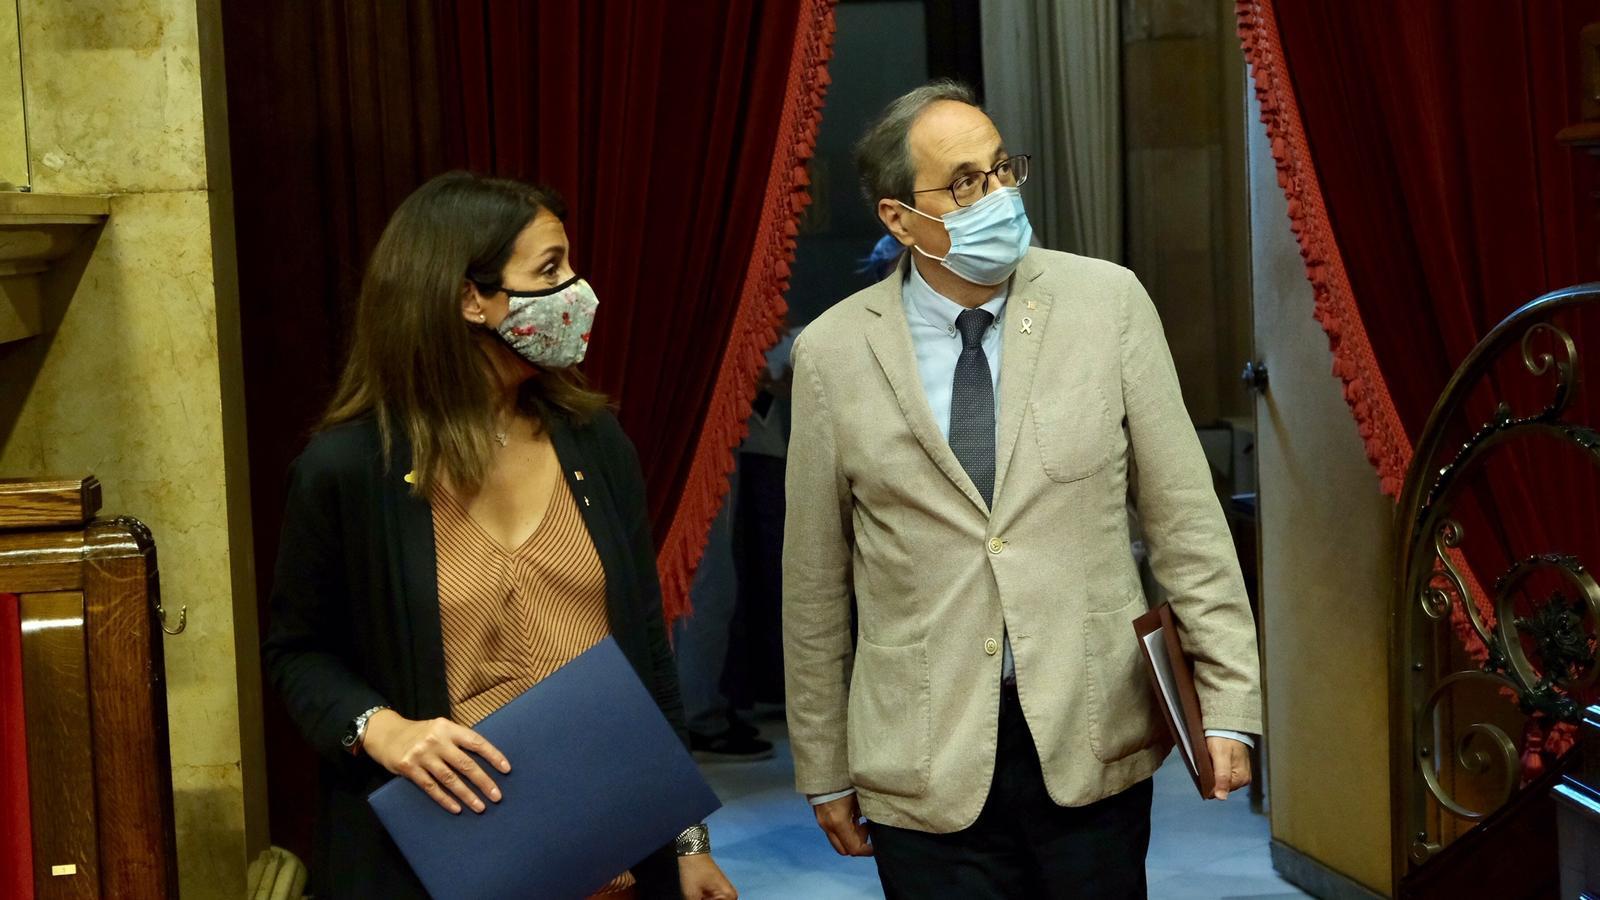 El president de la Generalitat, Quim Torra, i la portaveu del Govern, Meritxell Budó, arriben al Parlament per participar del ple monogràfic sobre la situació de les residències de gent gran